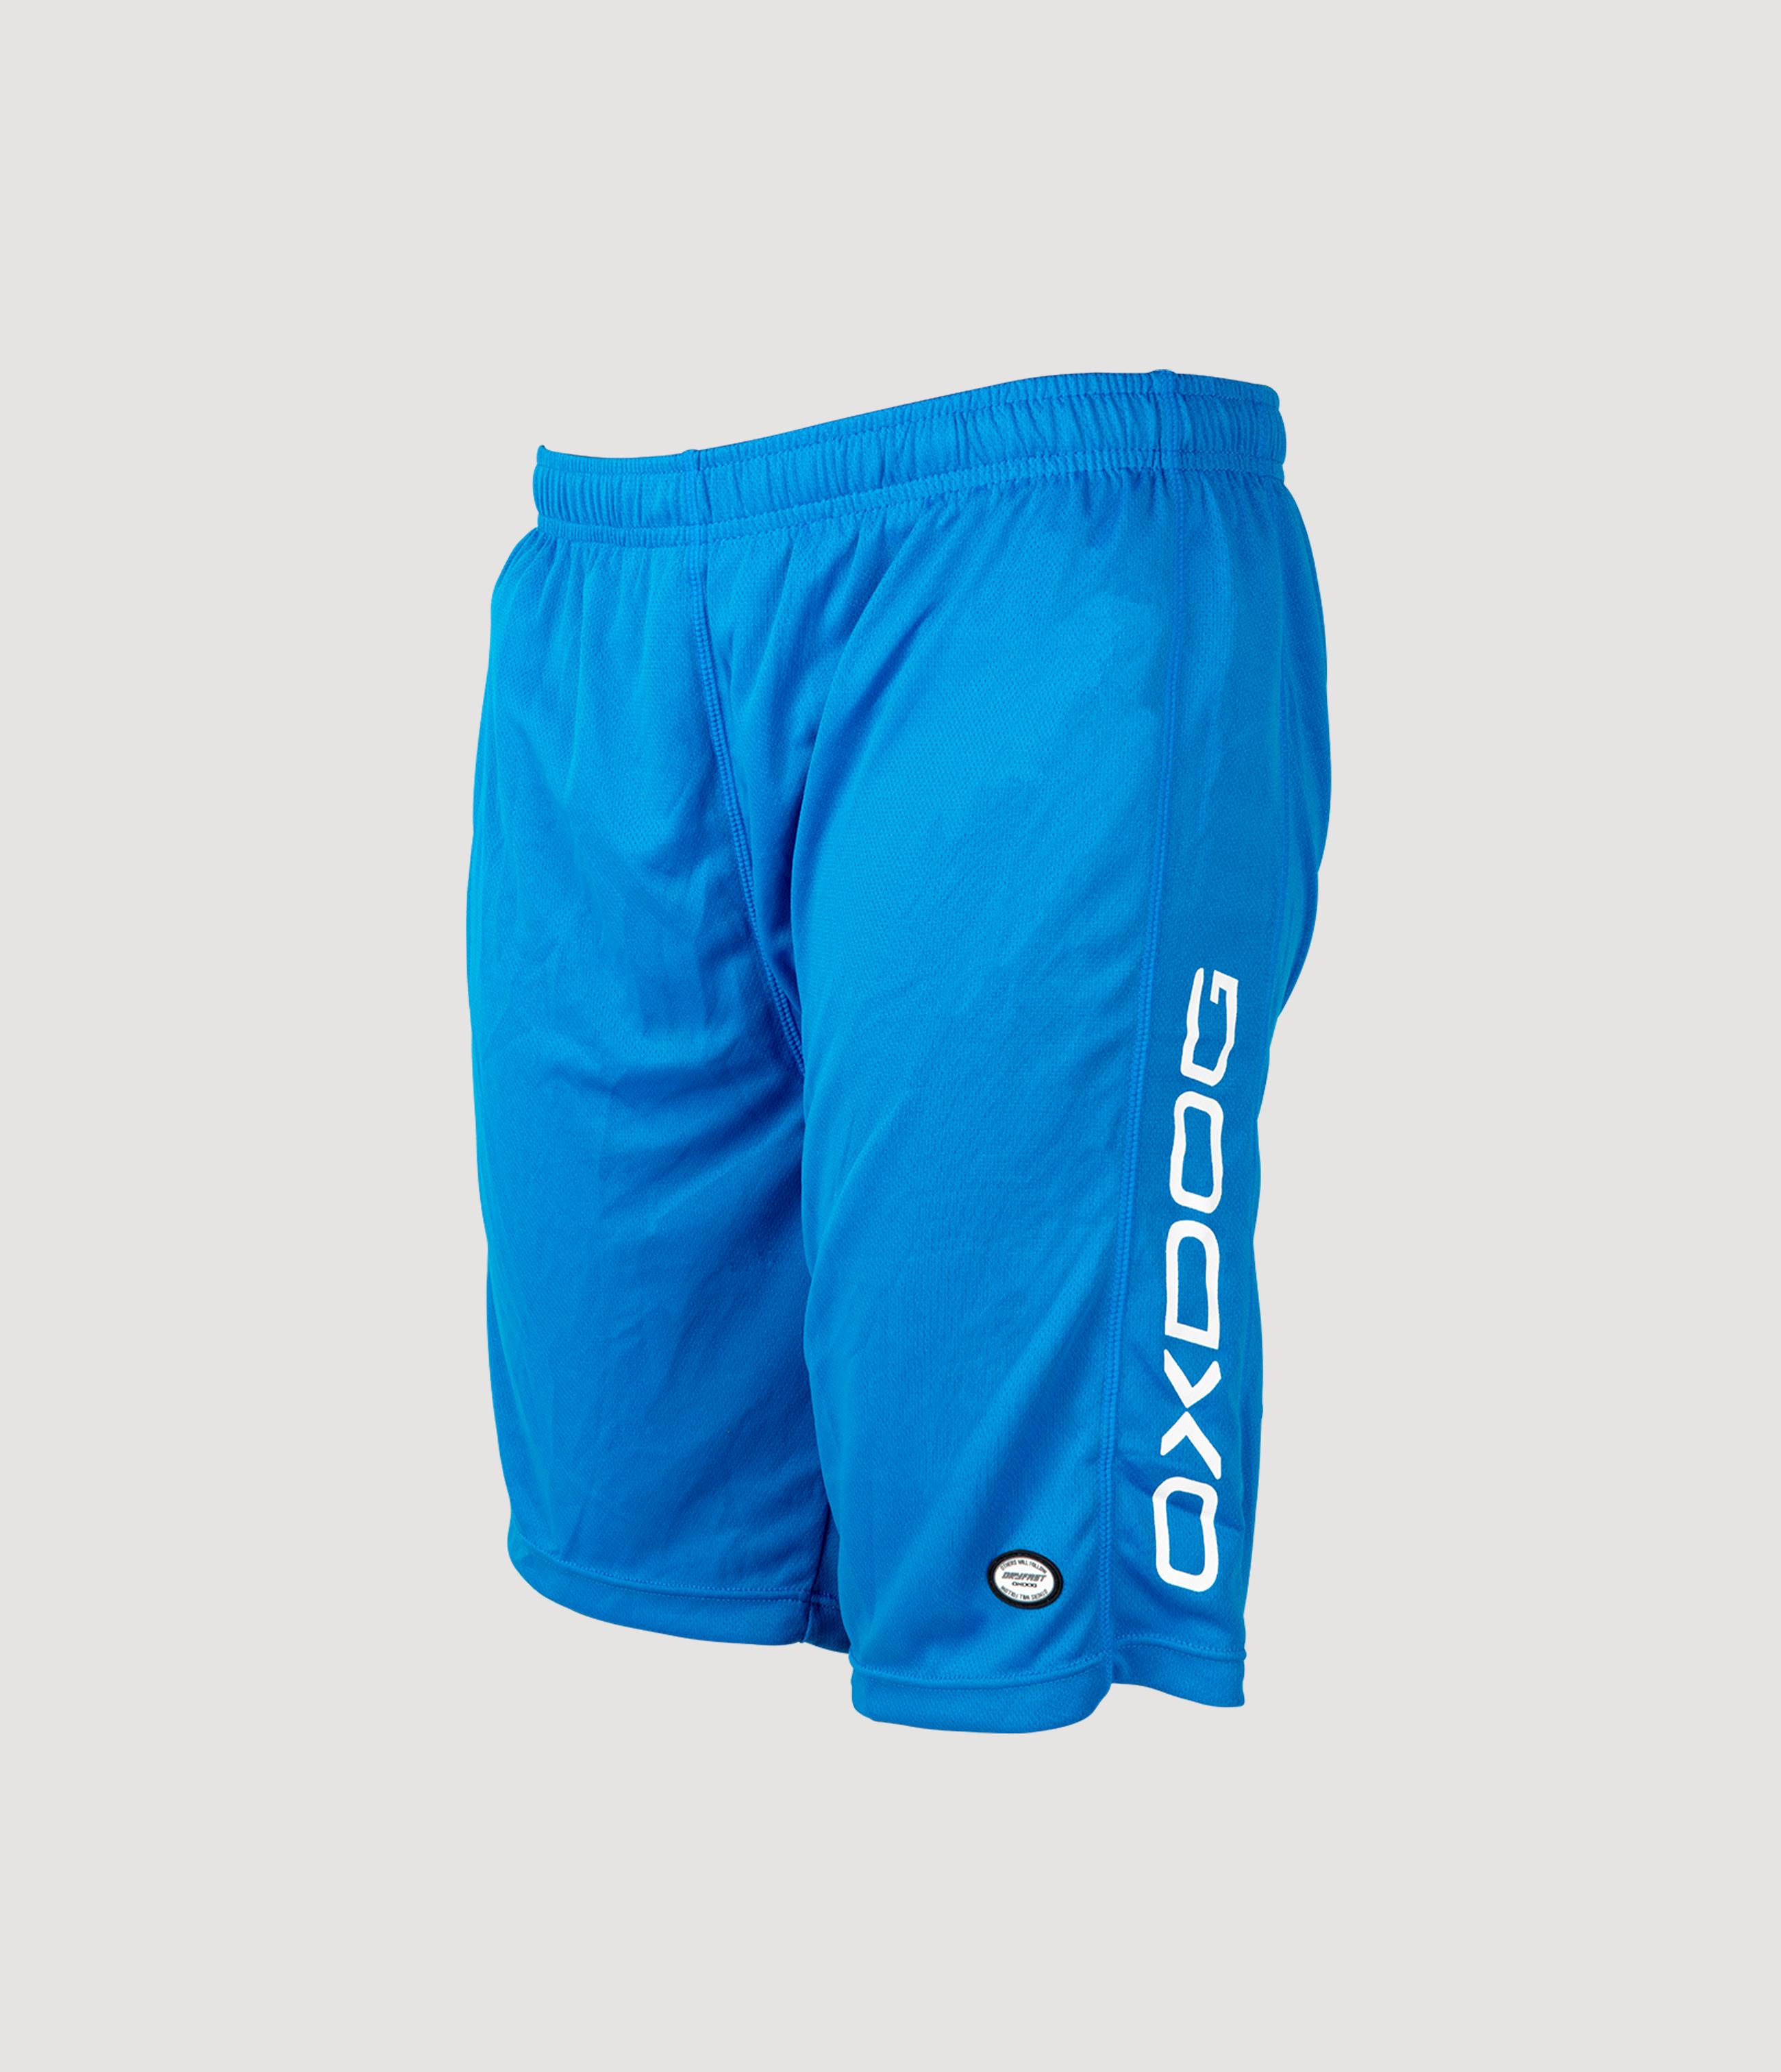 Avalon Shorts Blue